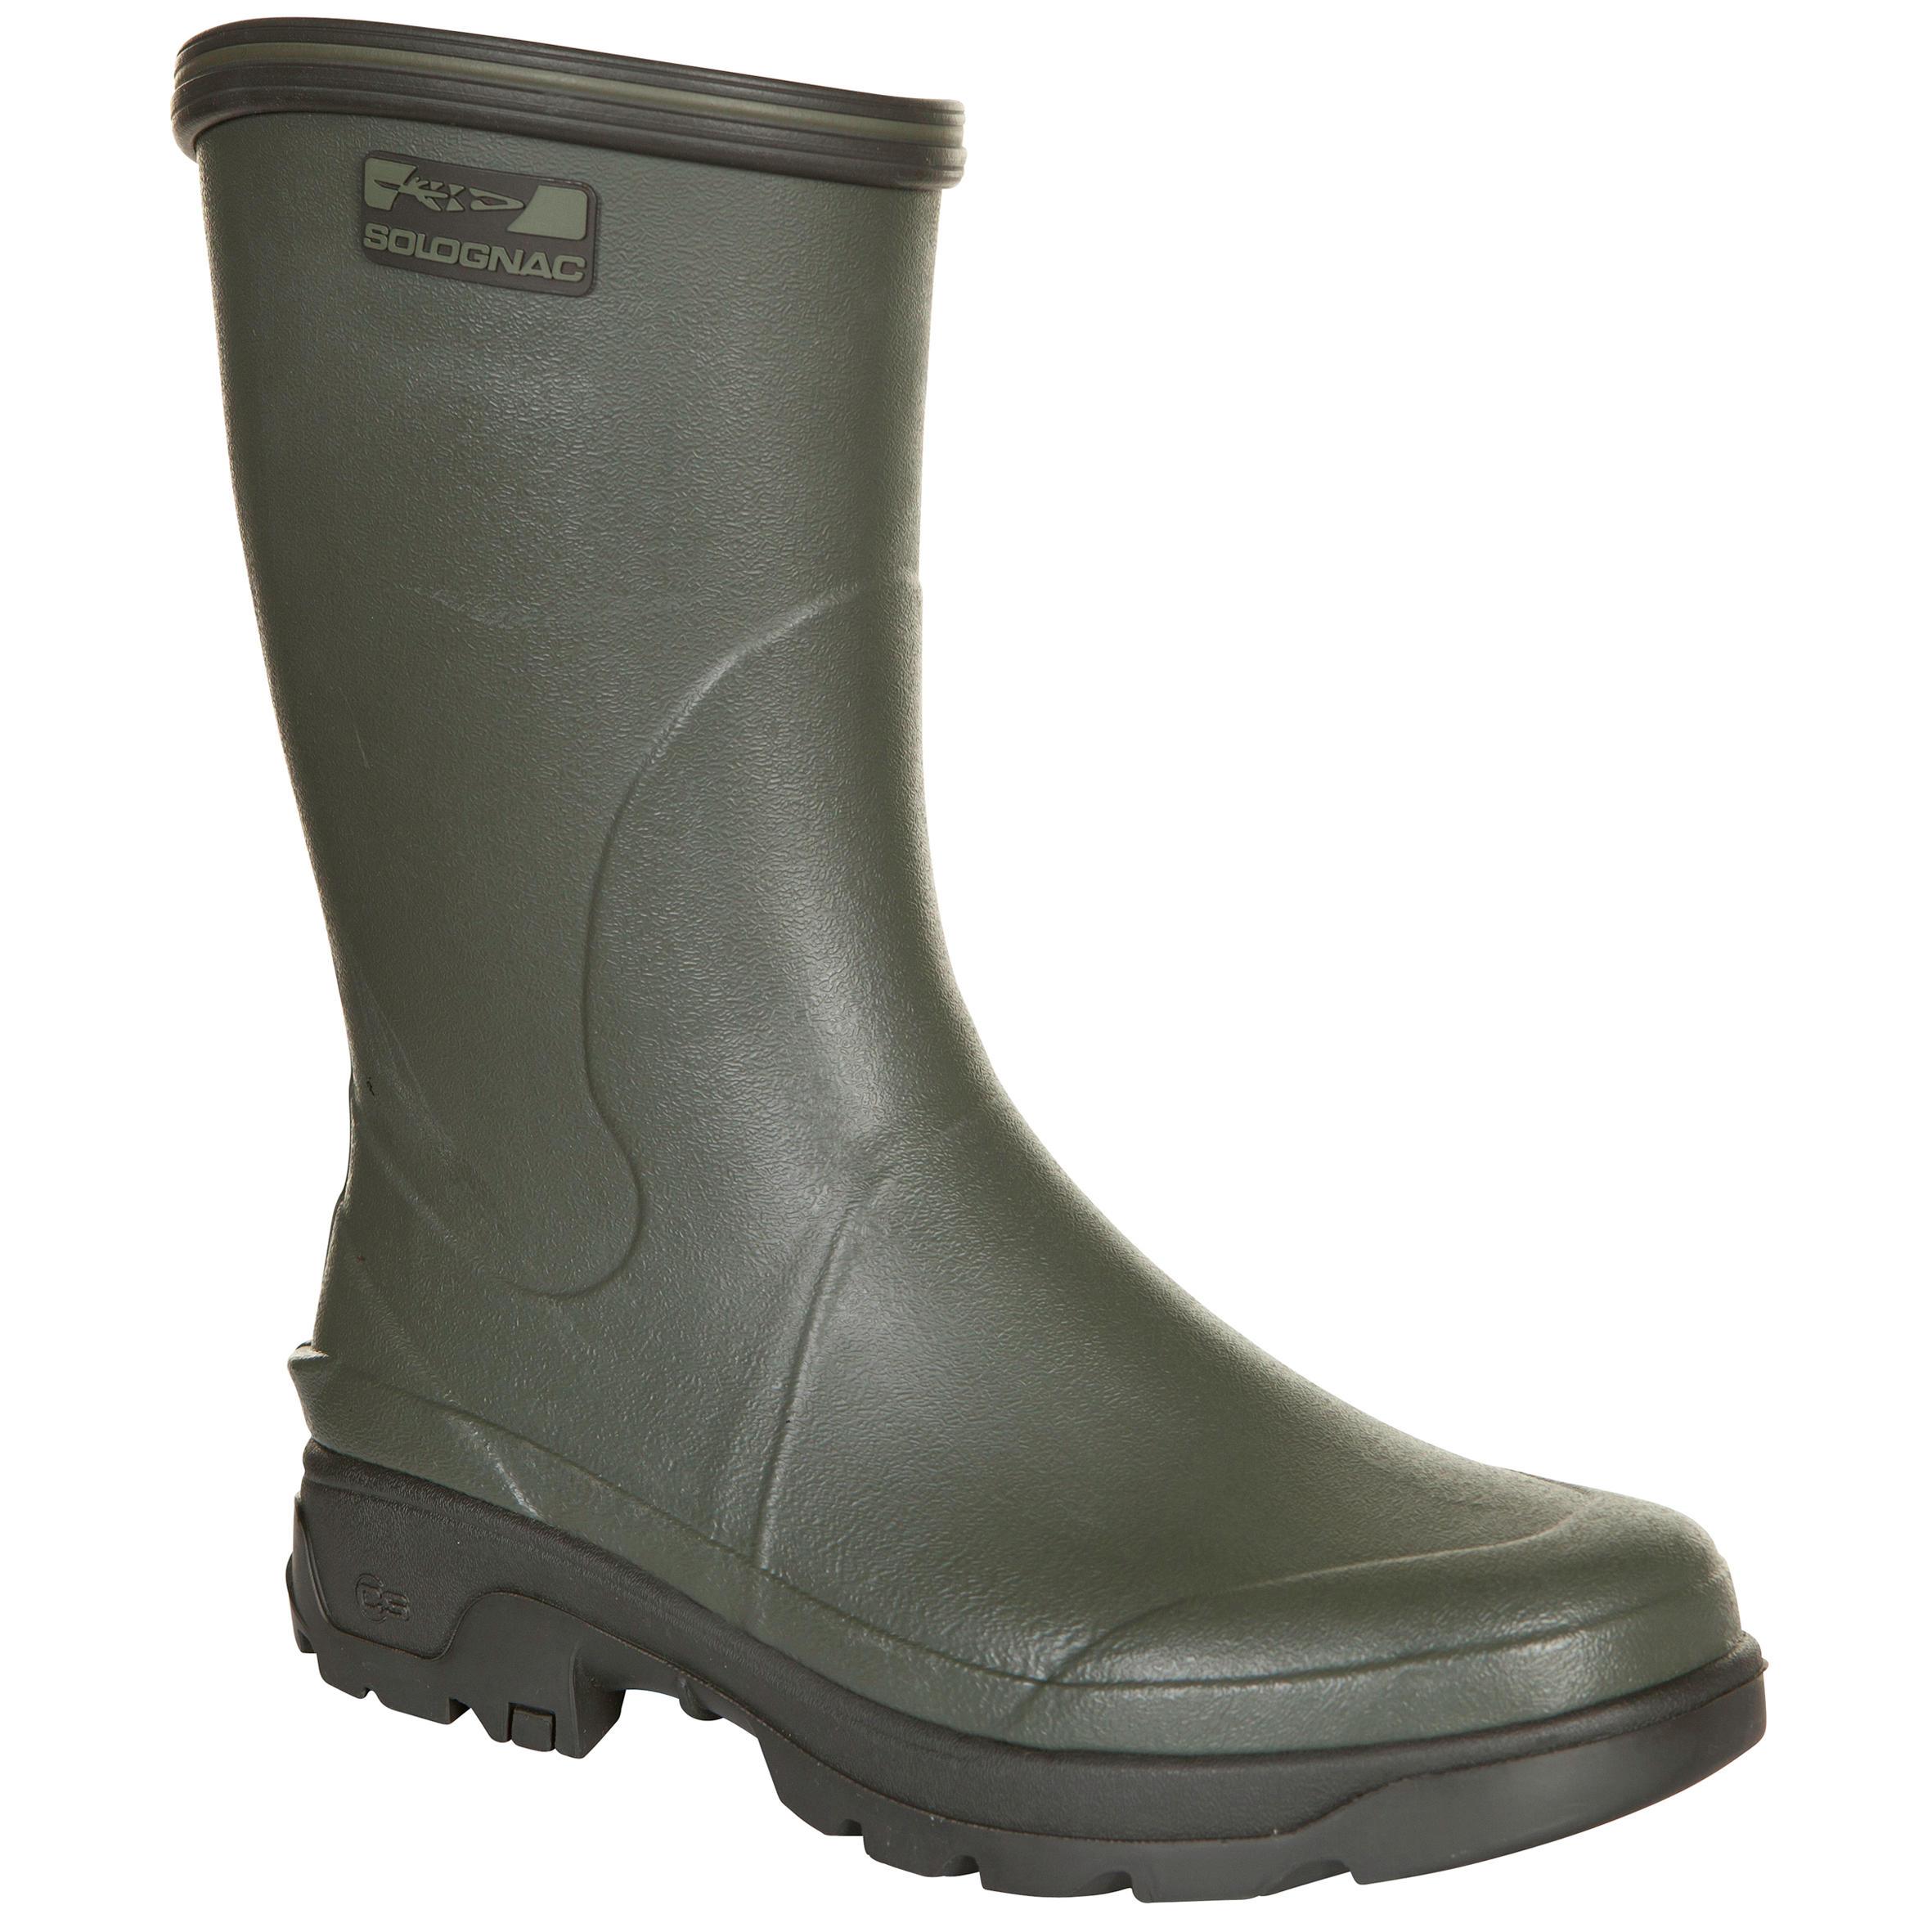 Solognac Warme laarzen Sibir 300 groen rubber